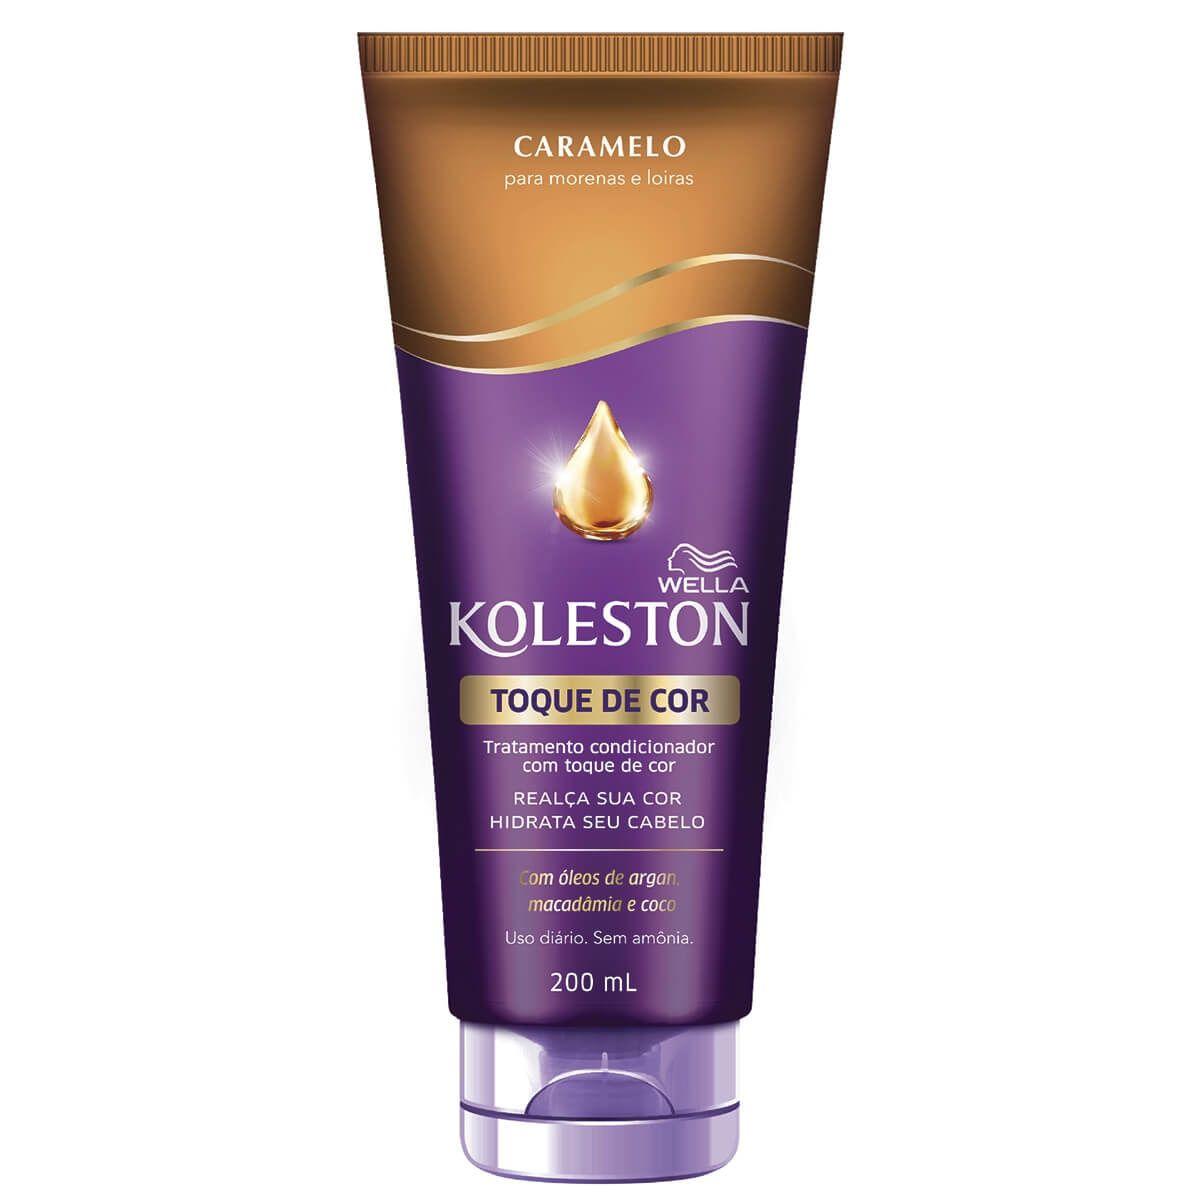 Koleston Condicionador Toque de Cor Caramelo 200mL